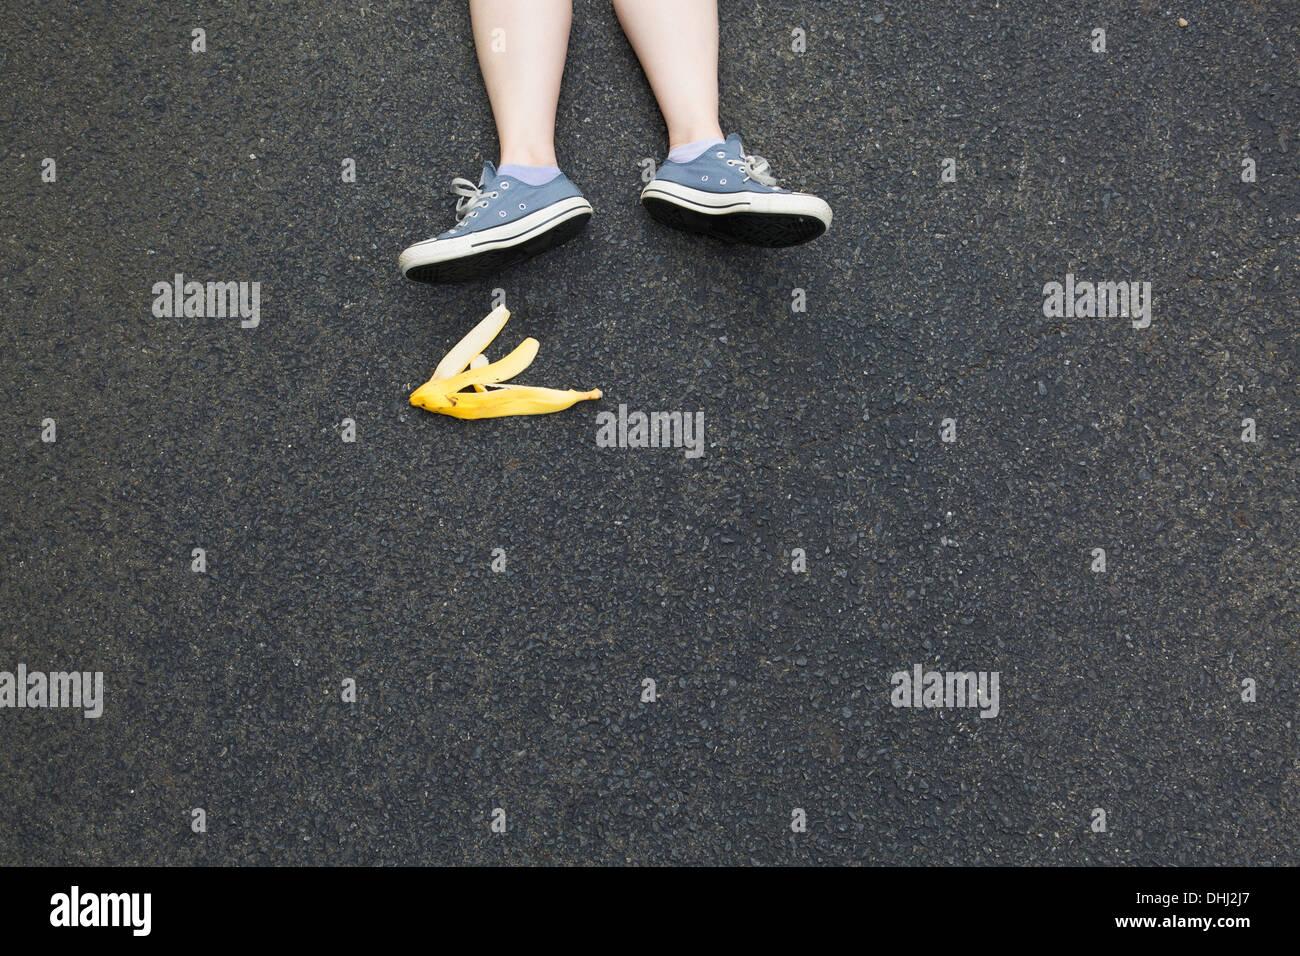 Paar Beine und Bananenschale auf Asphalt Stockbild